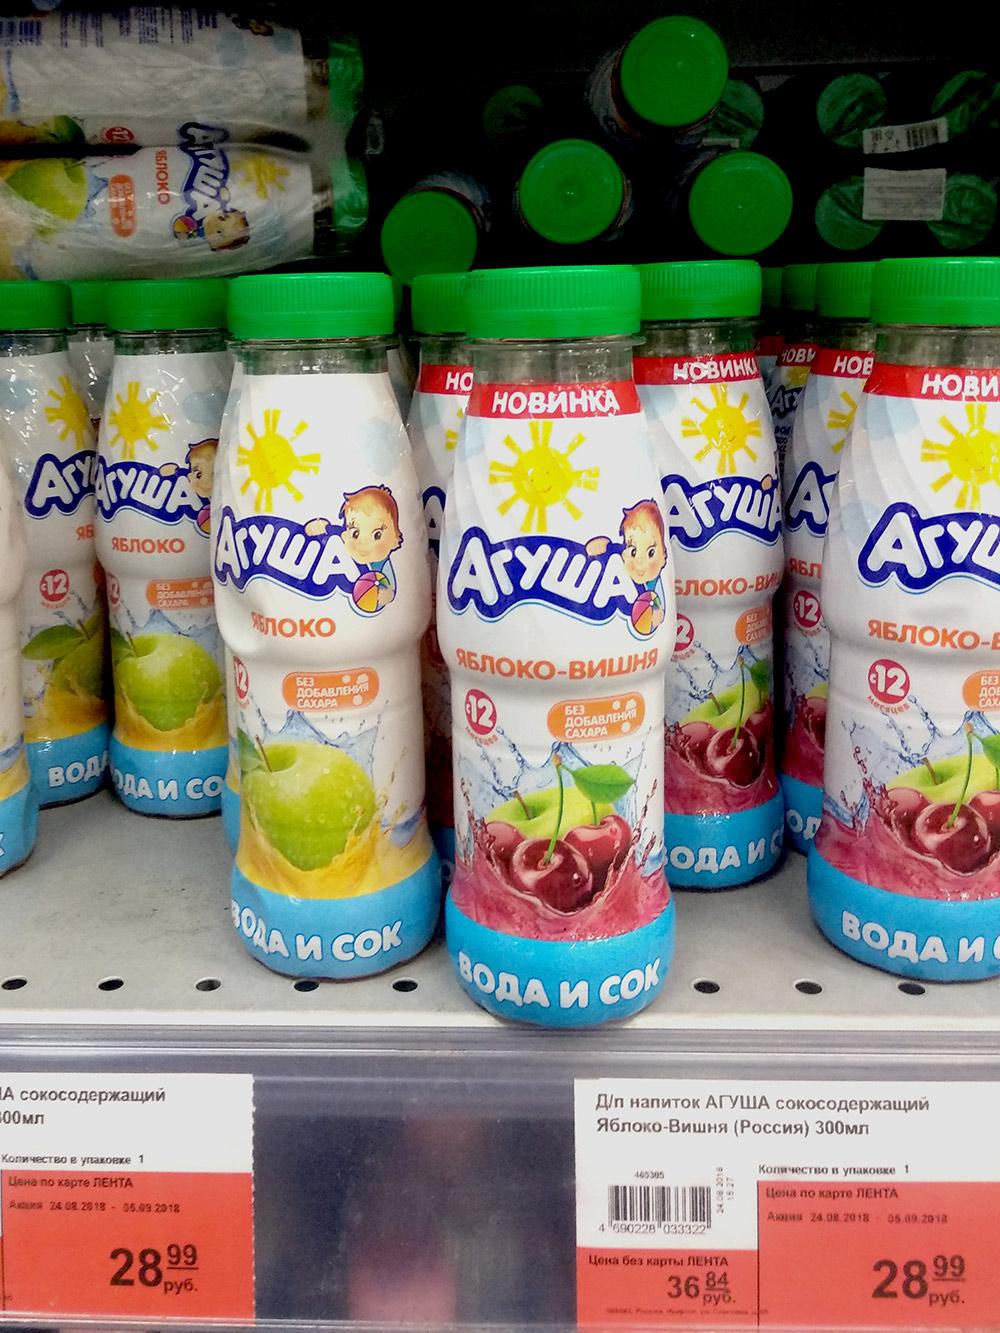 Базовая цена яблочной «Агуши» — 35,36 р., цена по акции на 22% ниже. Это не очень большая скидка на такой товар, но если запасы на нуле, то можно взять немного